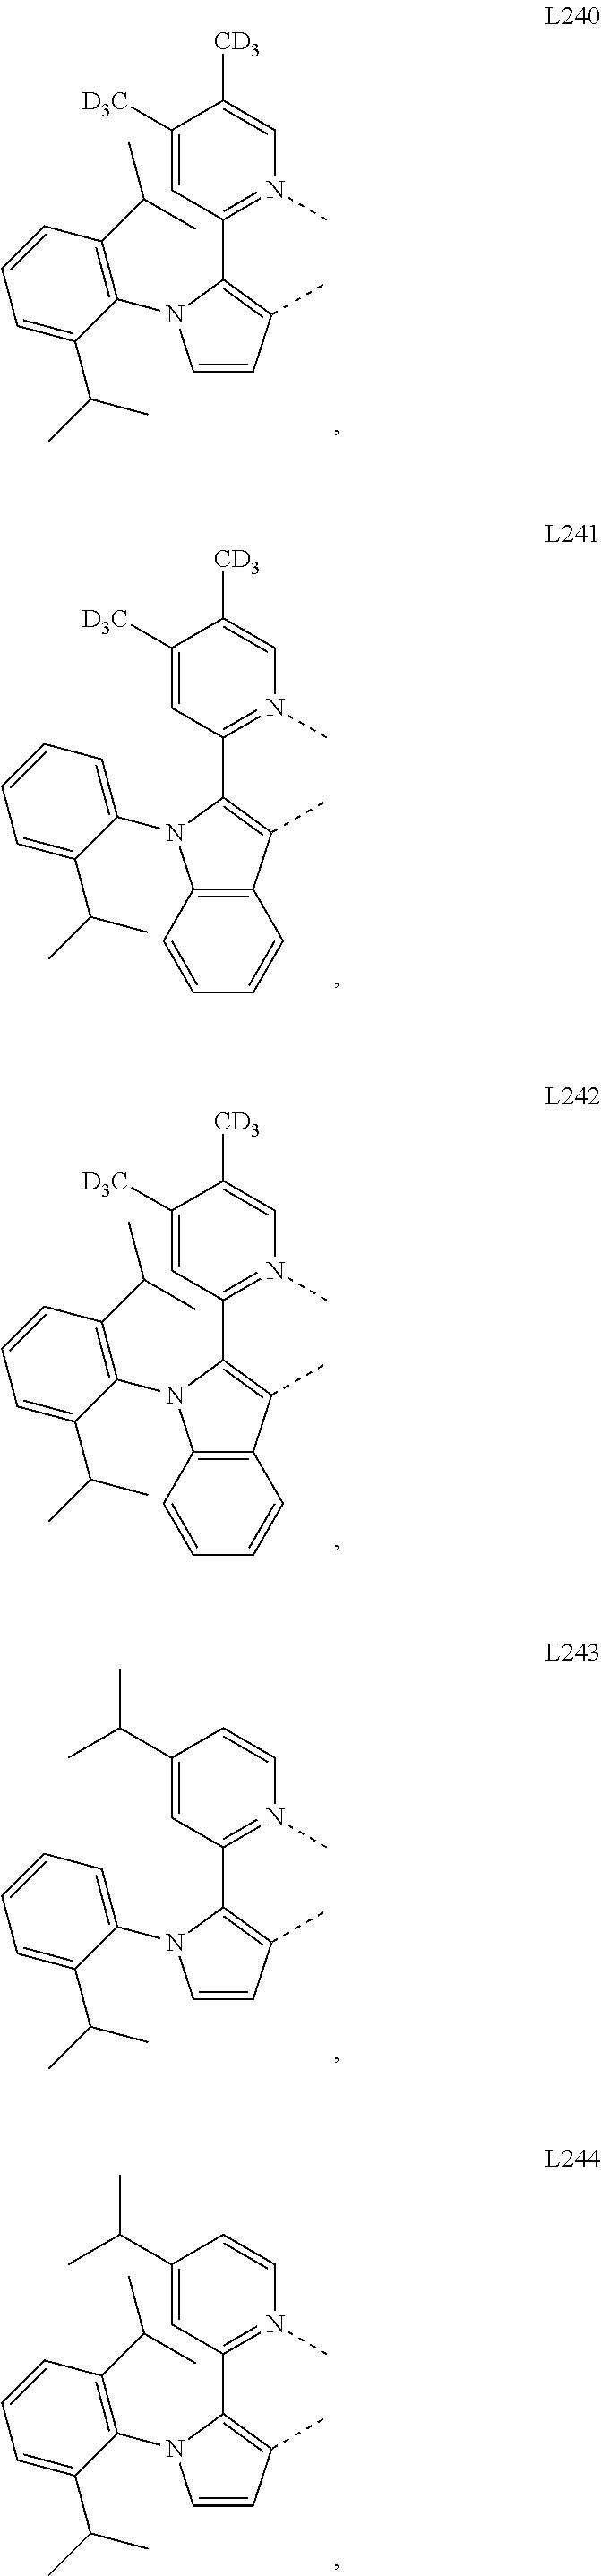 Figure US09935277-20180403-C00054